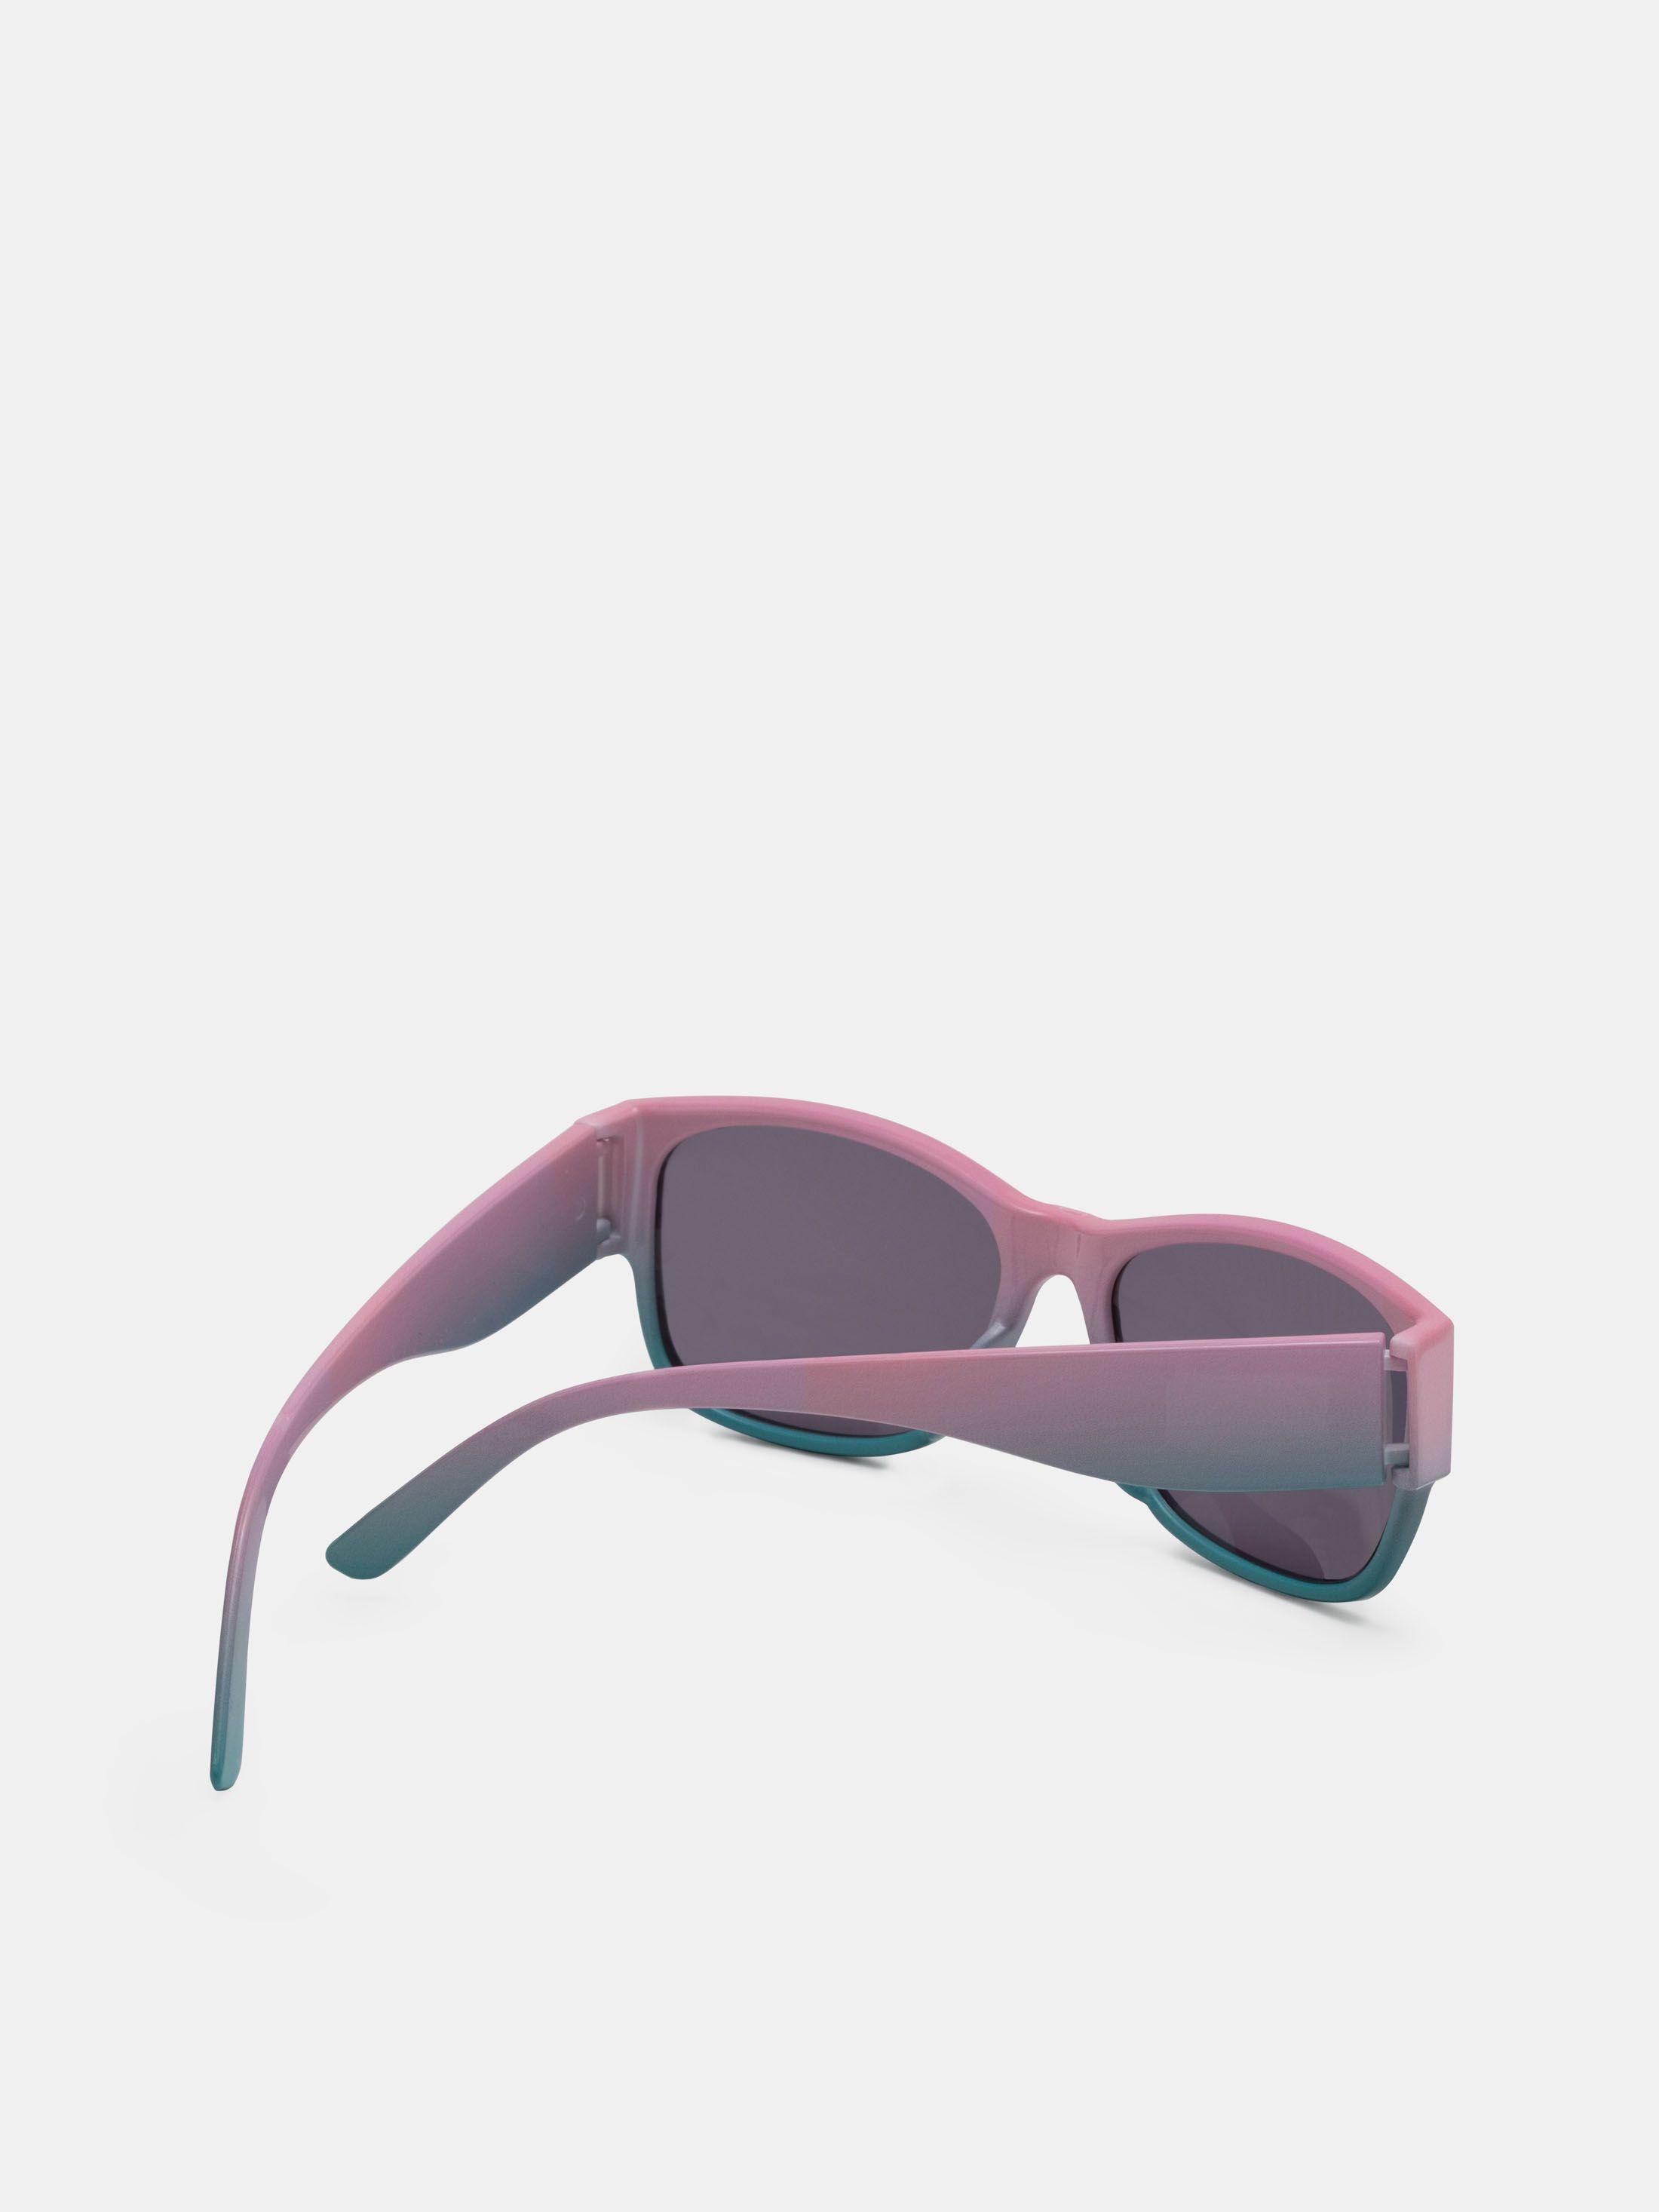 gafas personalizadas de sol online